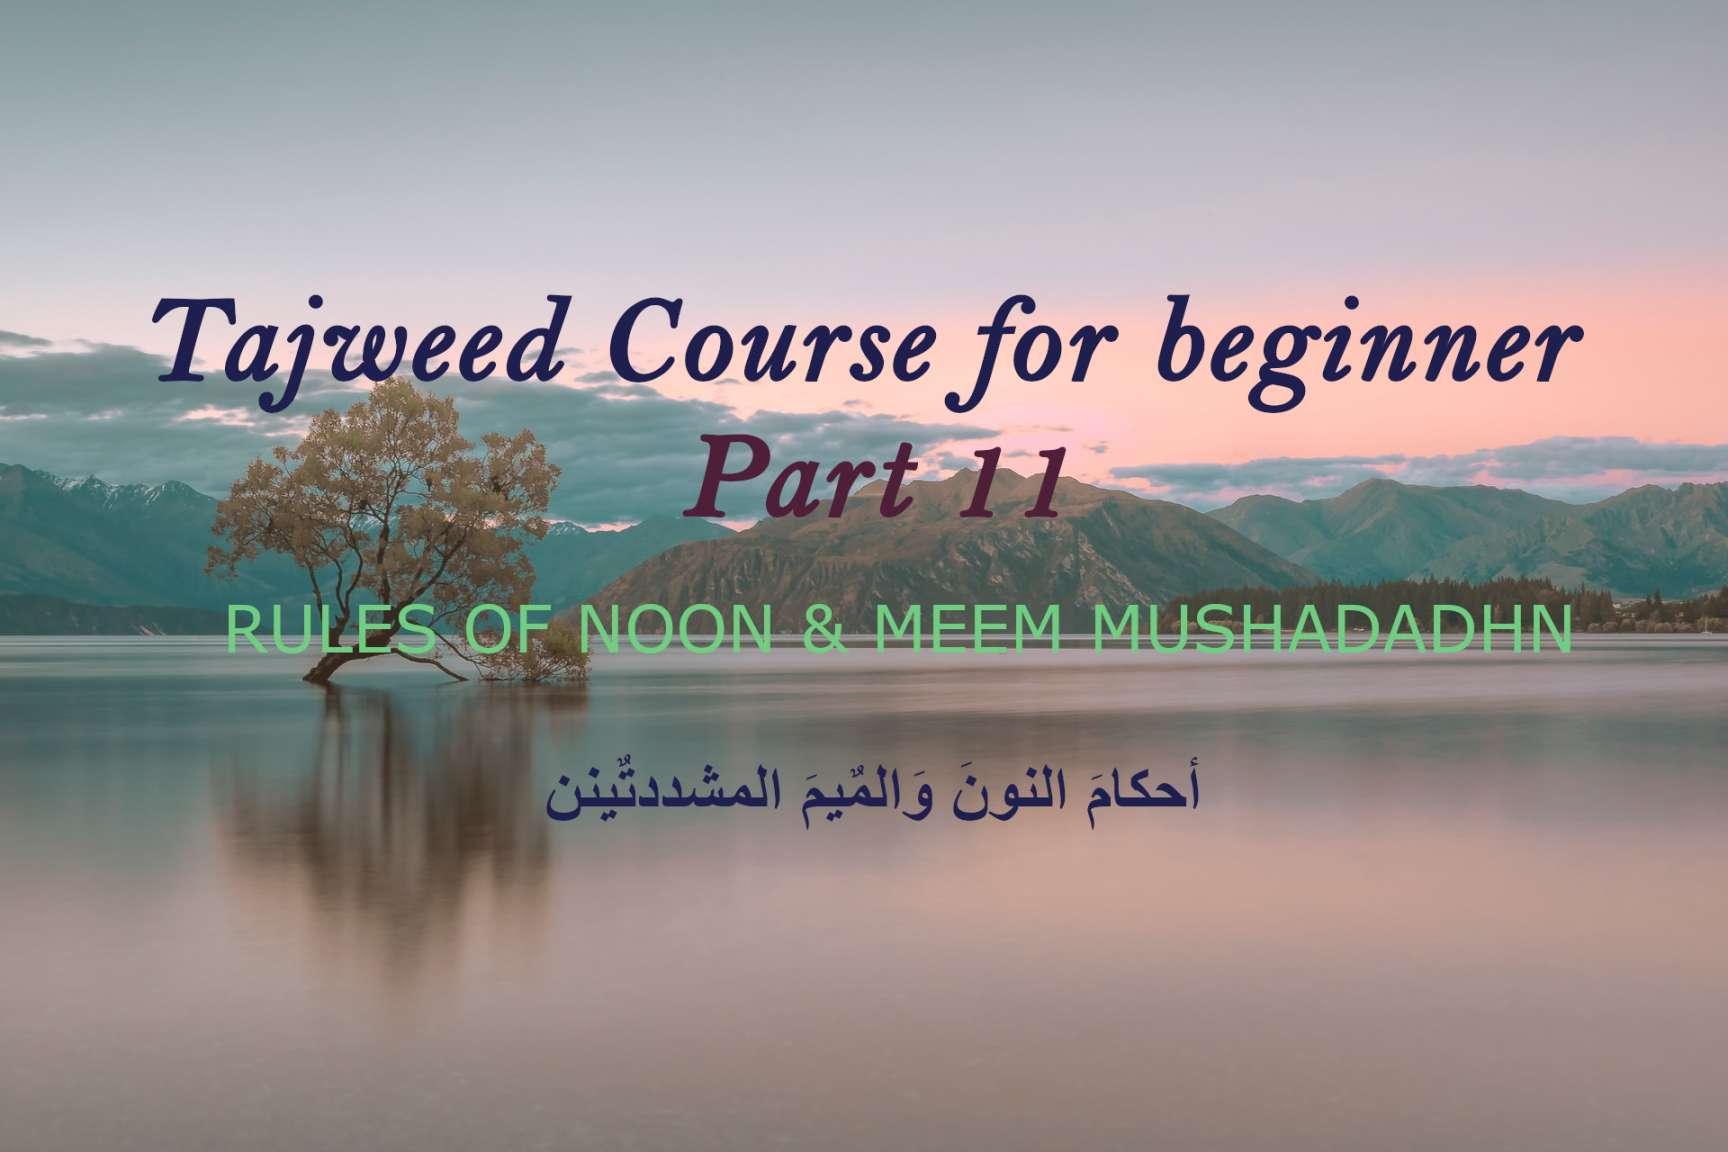 RULES OF NOON & MEEM MUSHADADH